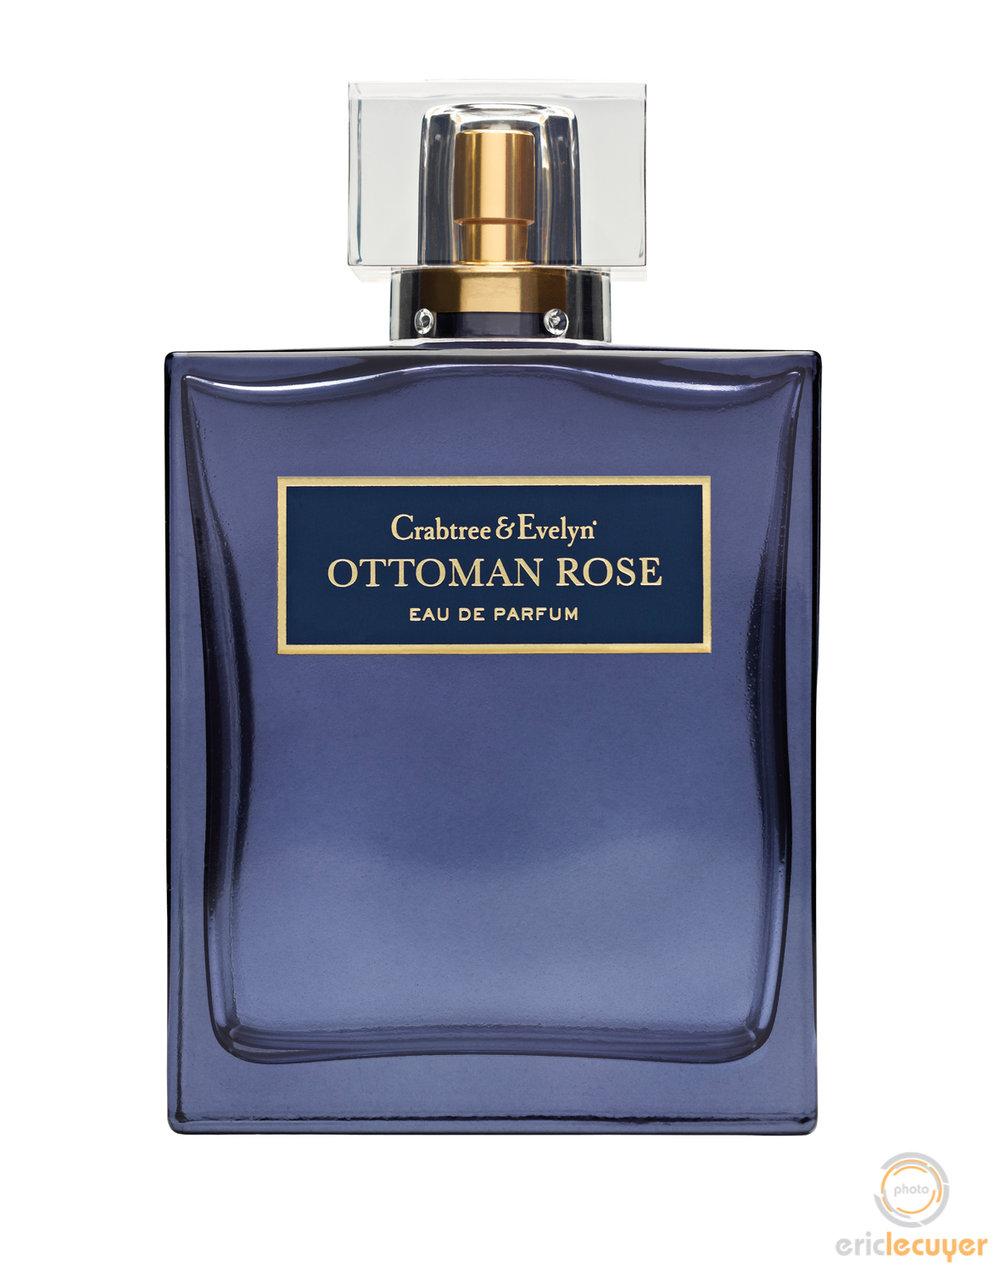 80432_Ottoman_Rose_Bottle_Packshot.jpg